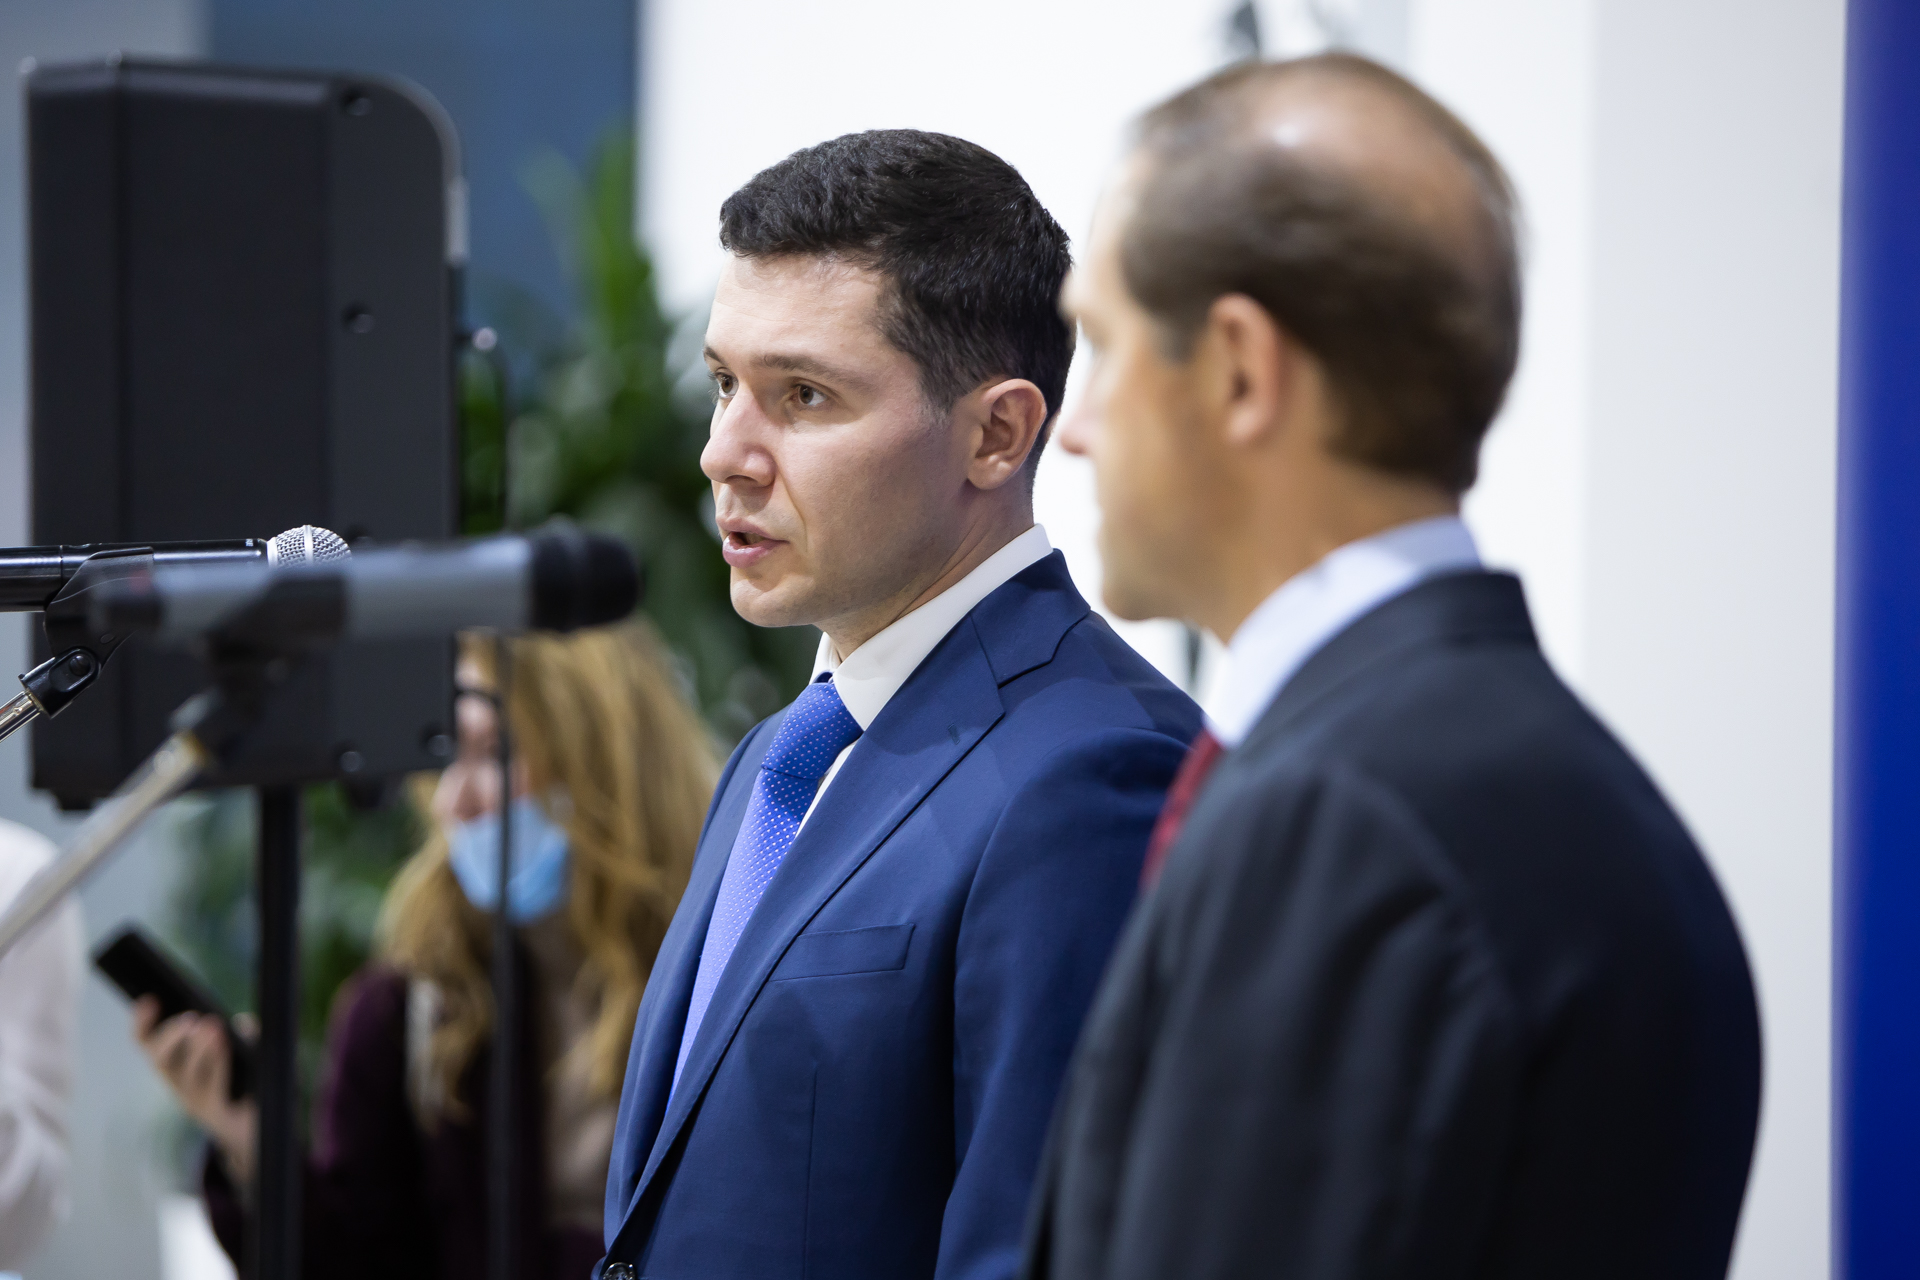 Слева — Антон Алиханов, справа — Денис Мантуров